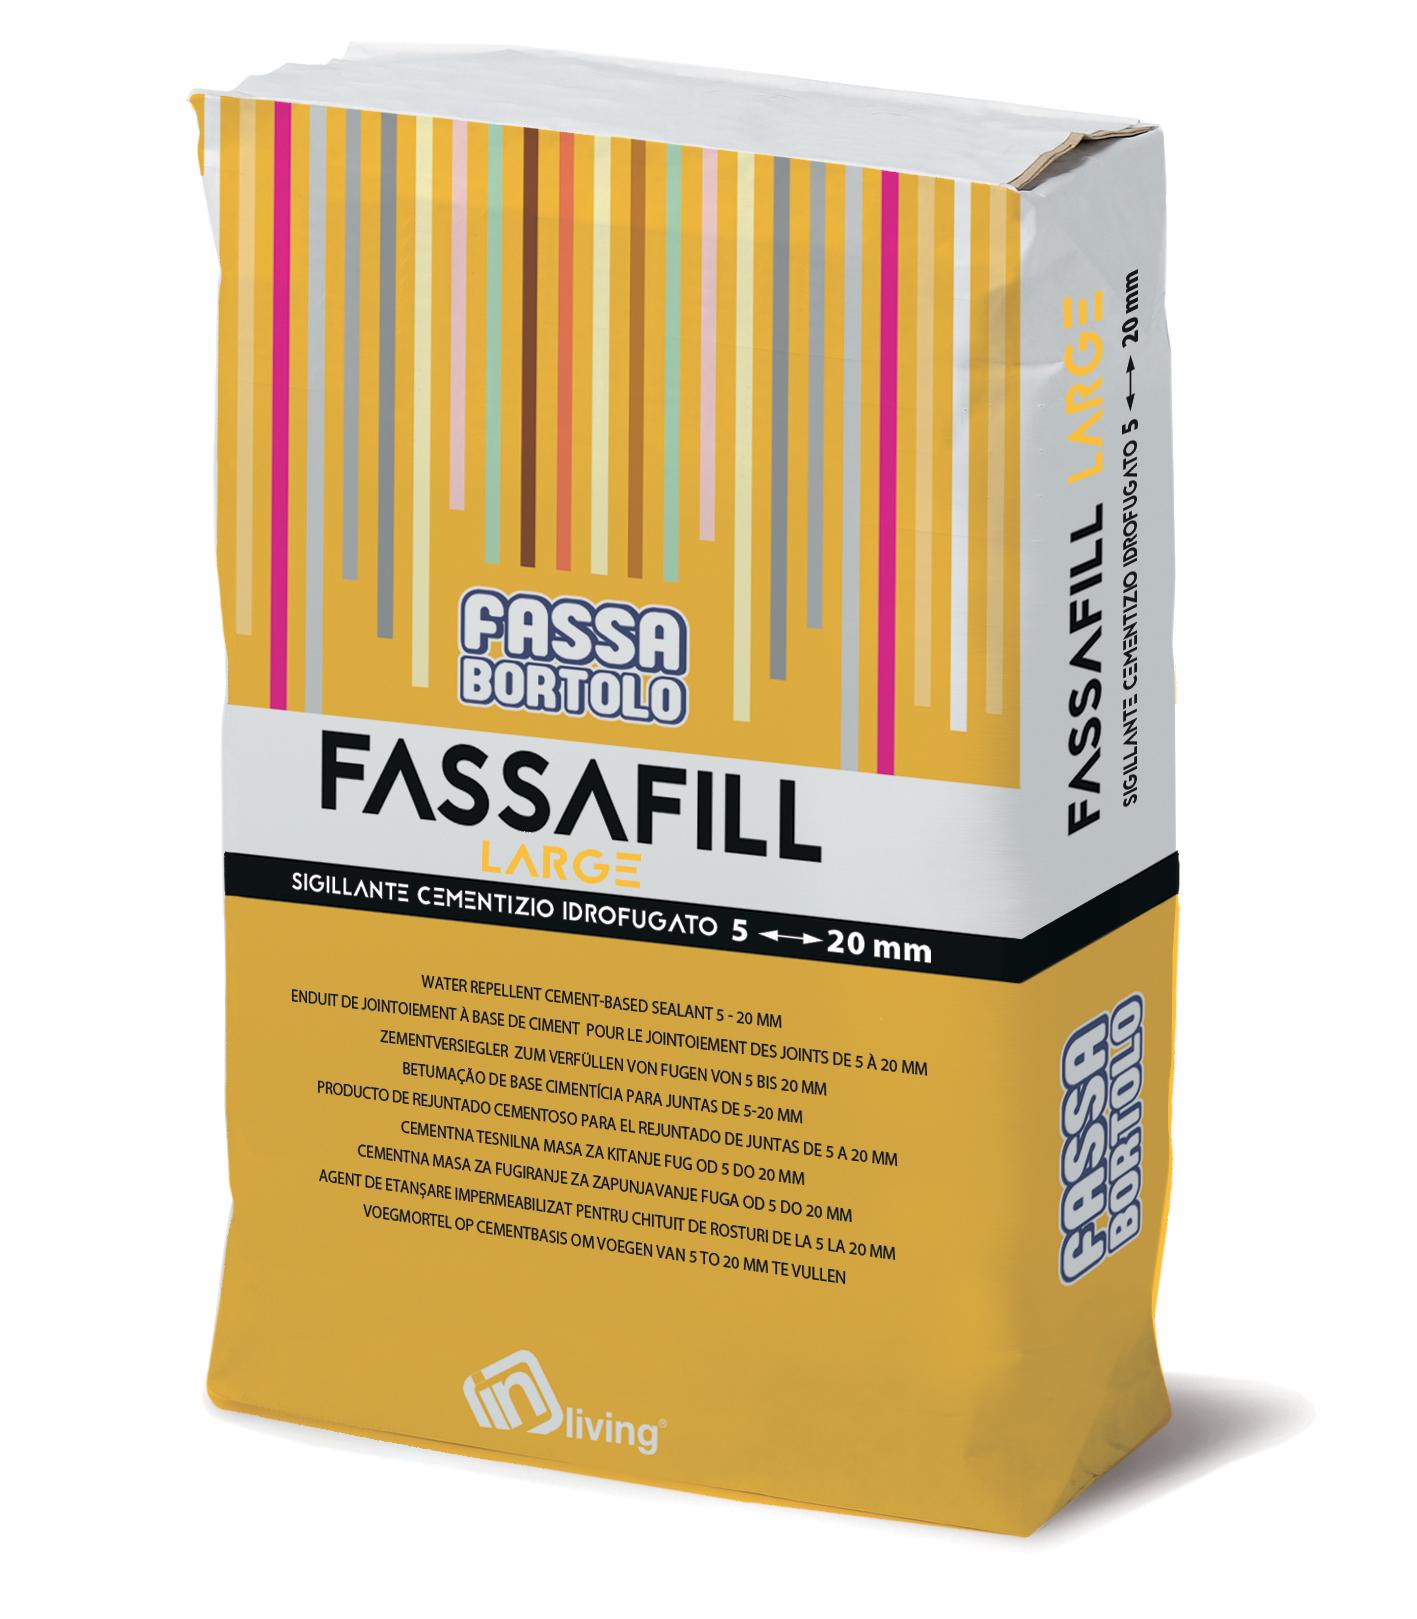 FASSAFILL LARGE: Junta de base cementosa hidrófuga, con alta resistencia mecánica y a la abrasión, resistente a mohos y algas, para rellenar juntas de 5 a 20 mm